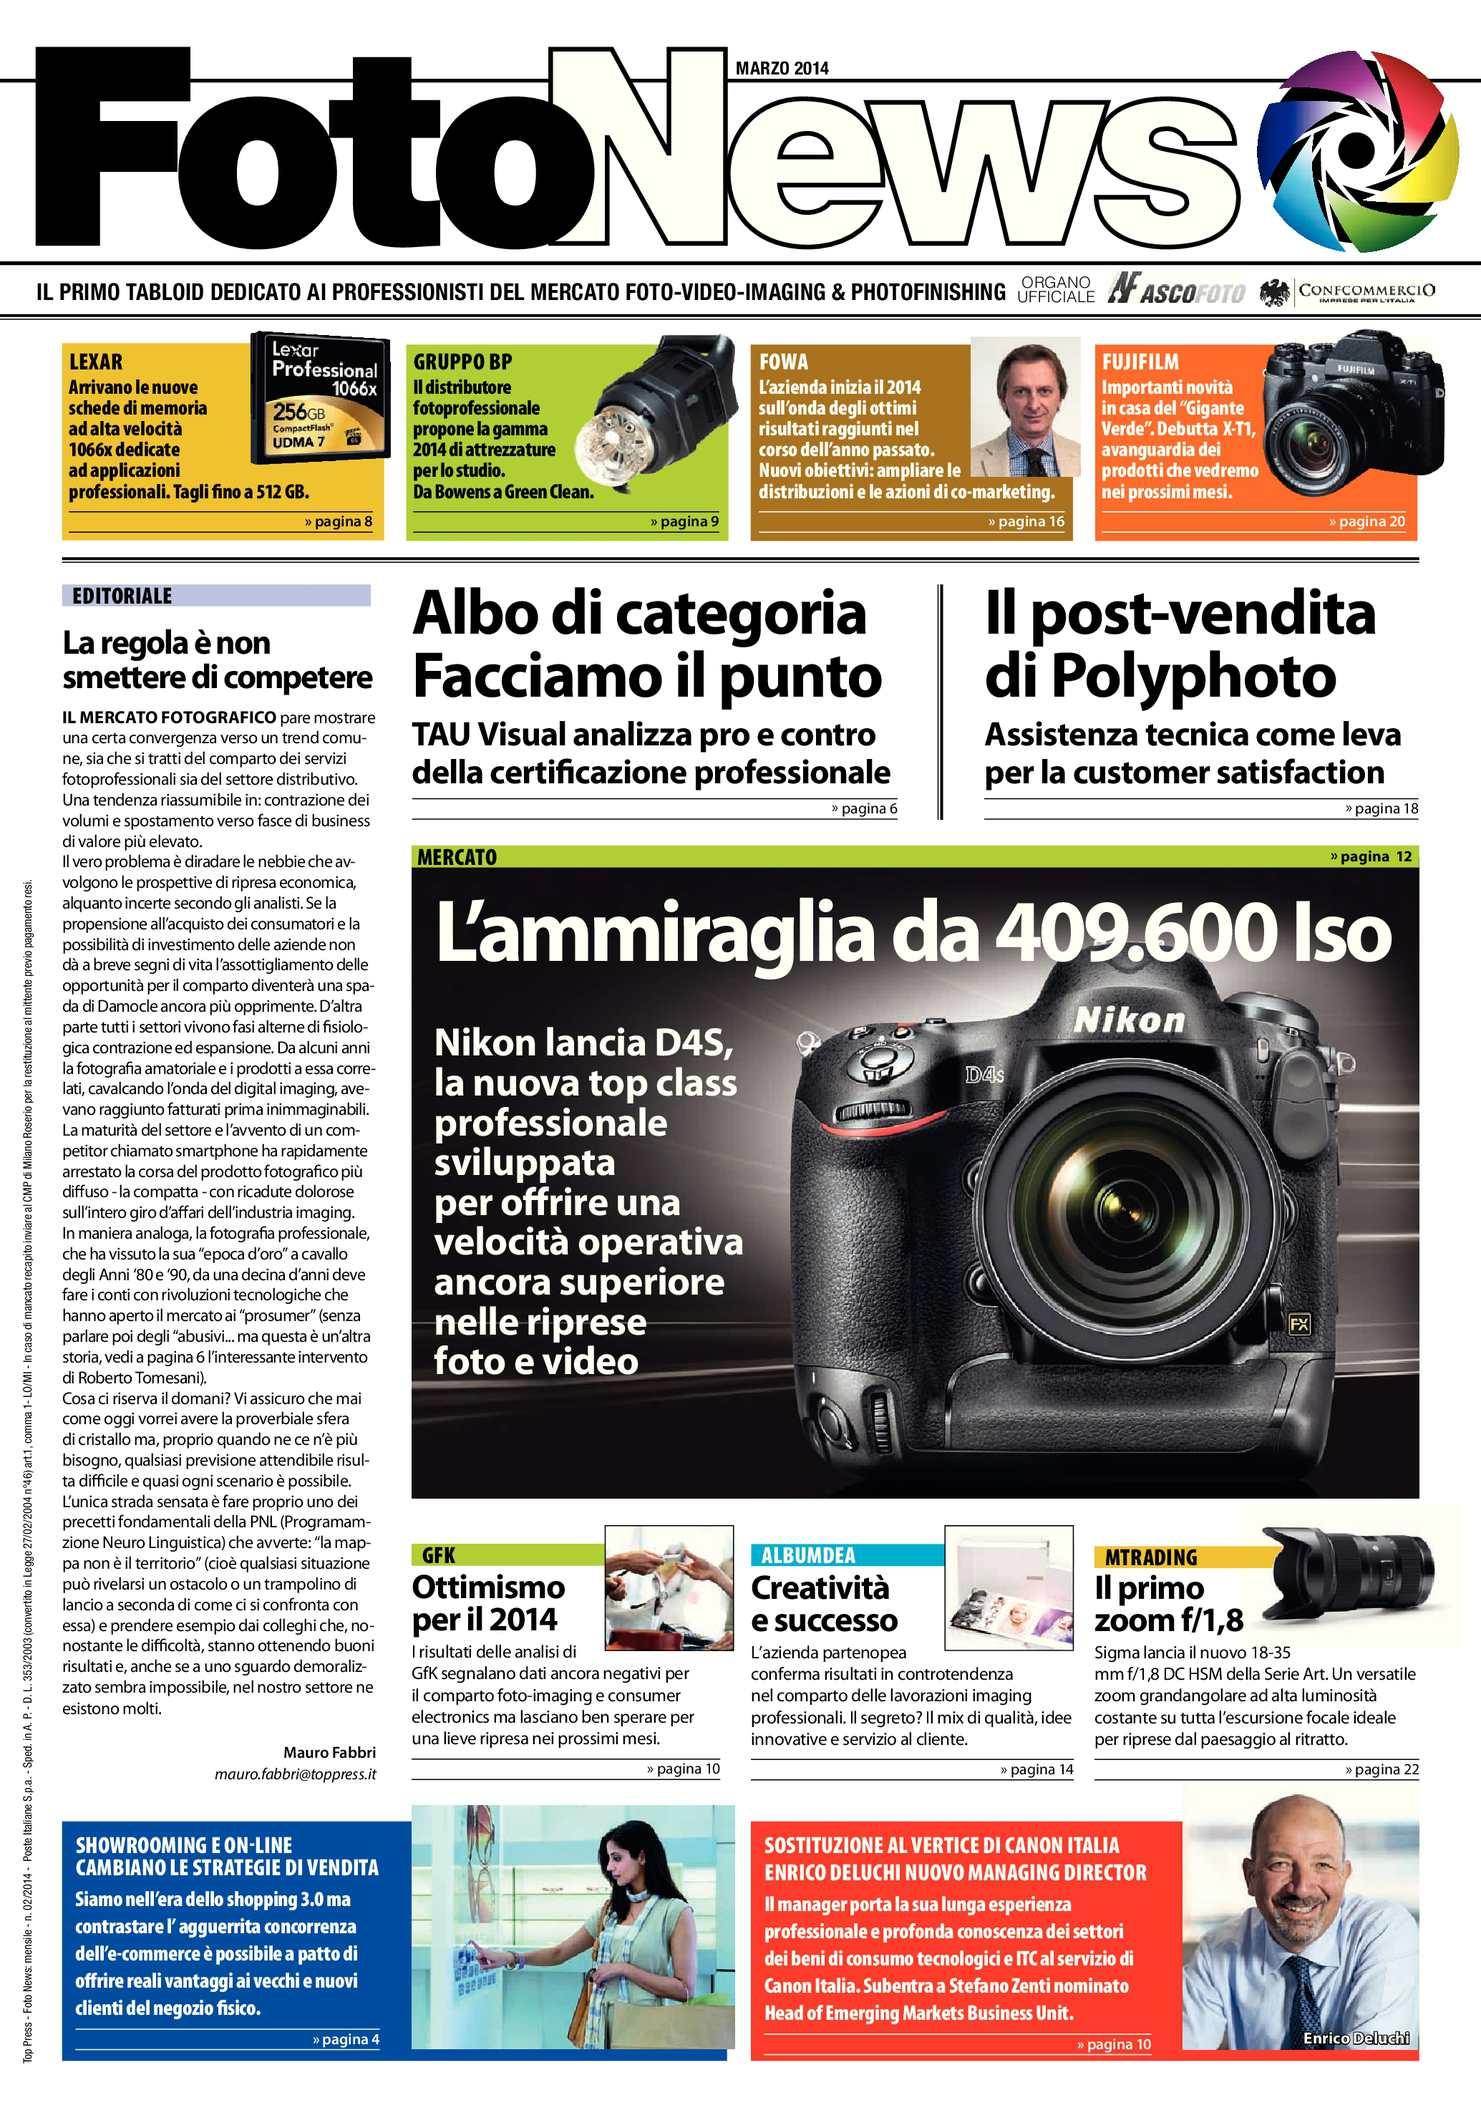 FotoNews 02/2014